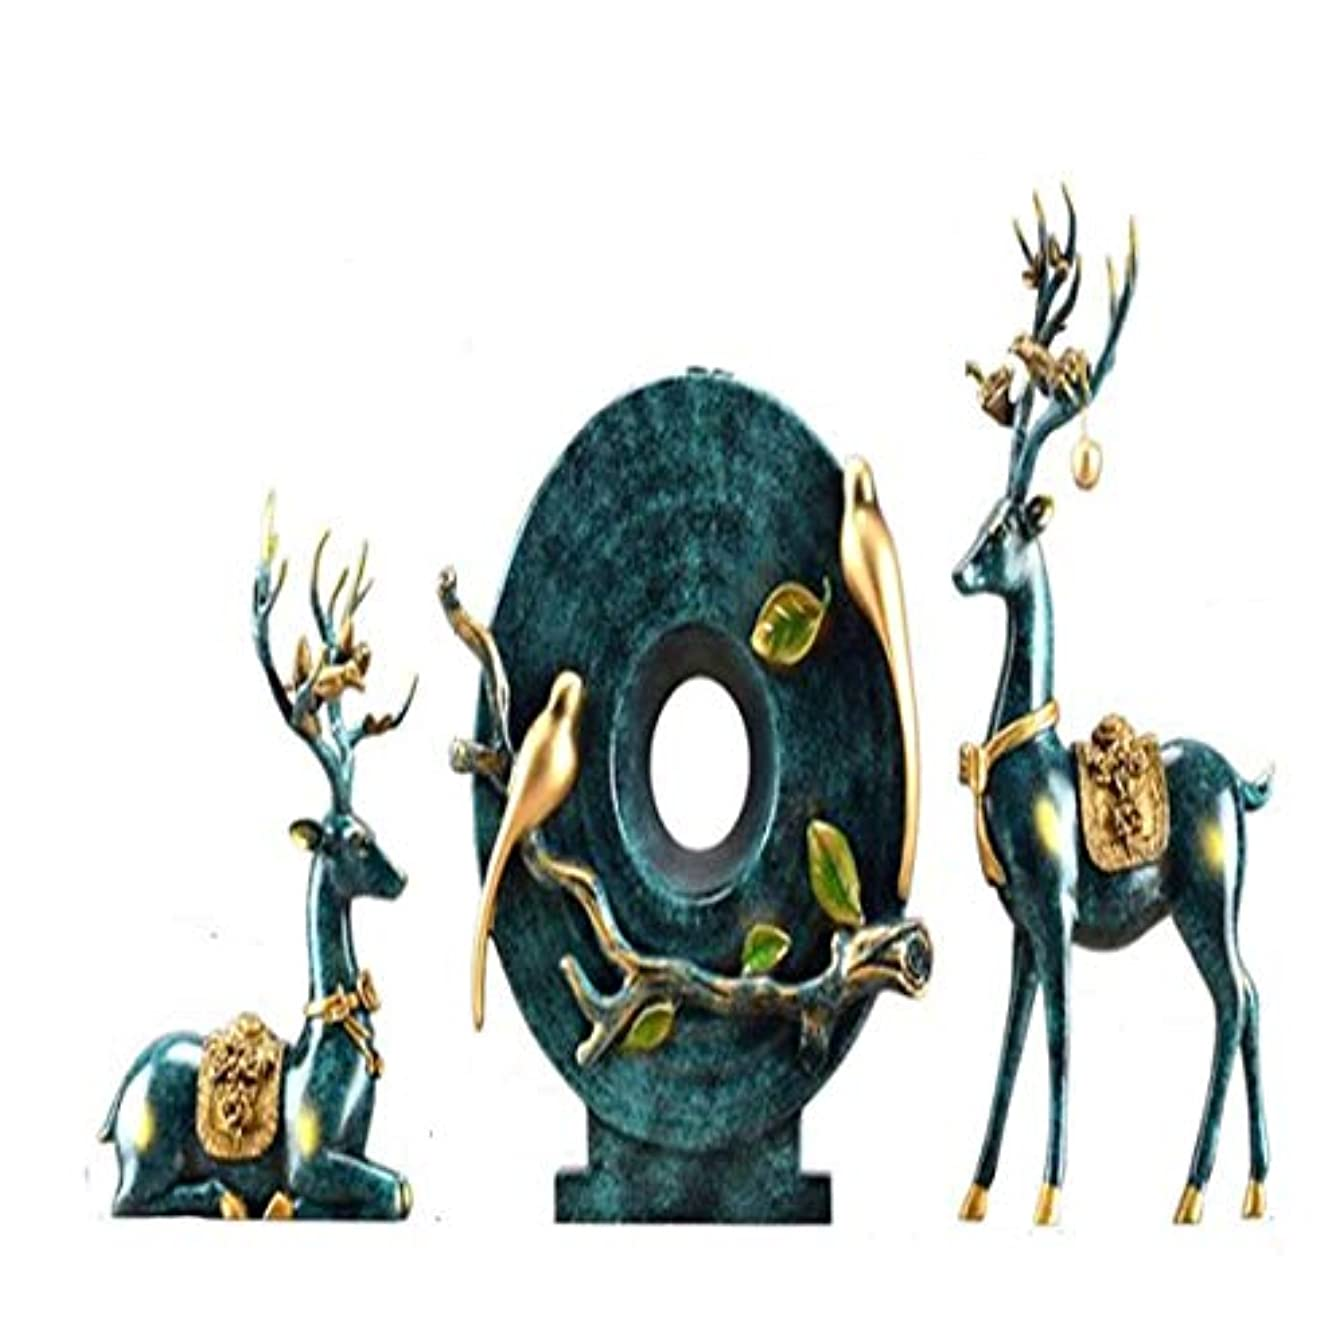 小川ケニアエンコミウムJingfengtongxun クリエイティブアメリカン鹿の装飾品花瓶リビングルーム新しい家の結婚式のギフトワインキャビネットテレビキャビネットホームソフト装飾家具,スタイリッシュなホリデーギフト (Color : A)